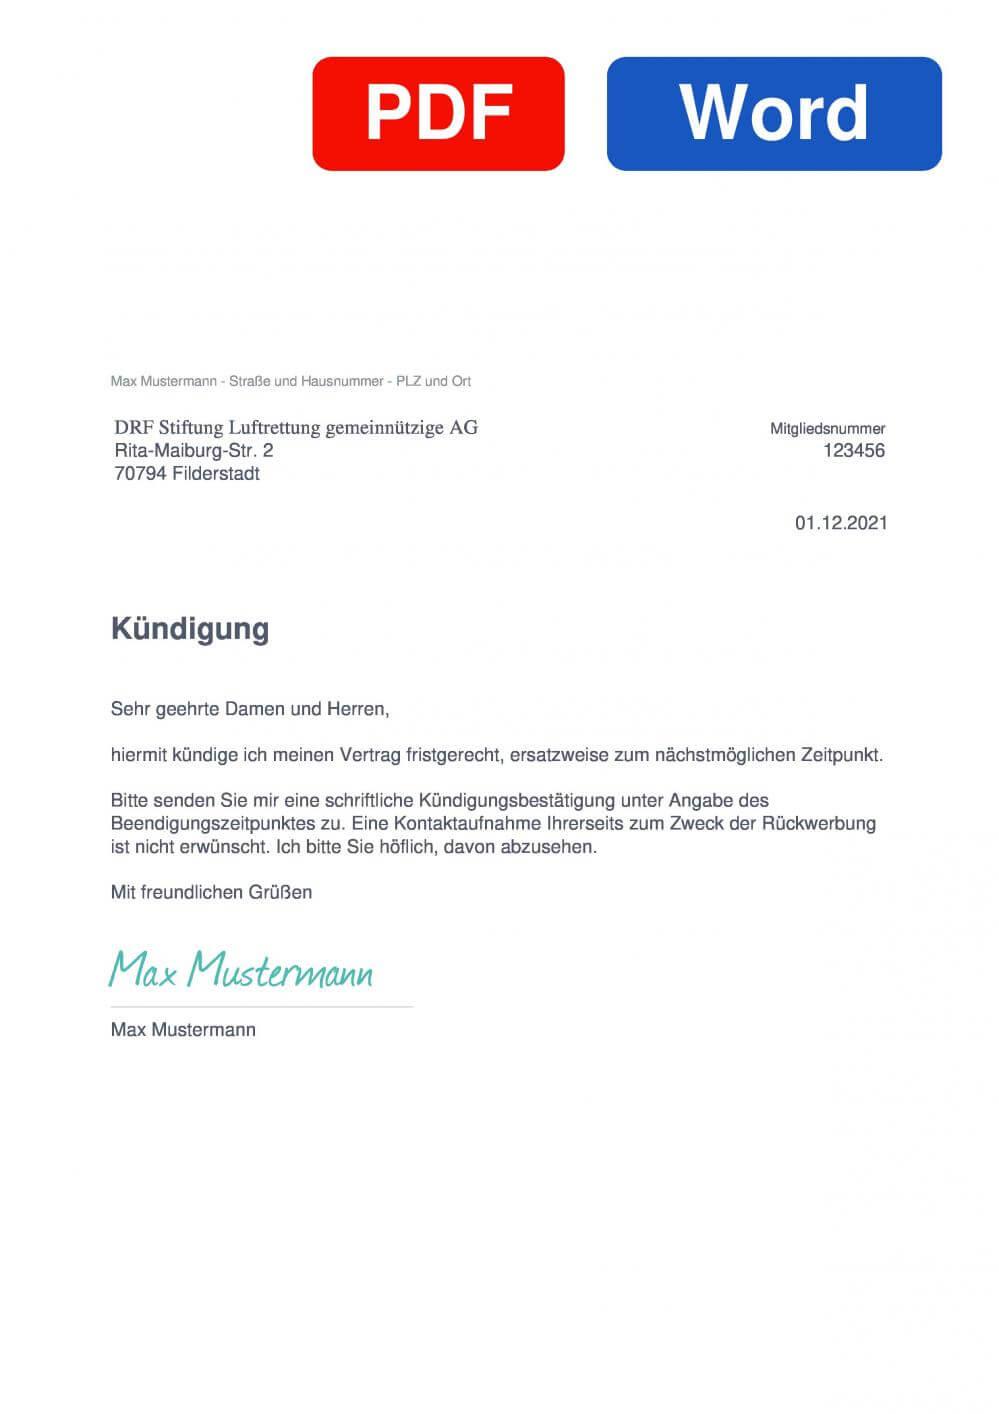 Deutsche Luftrettung ev. Muster Vorlage für Kündigungsschreiben